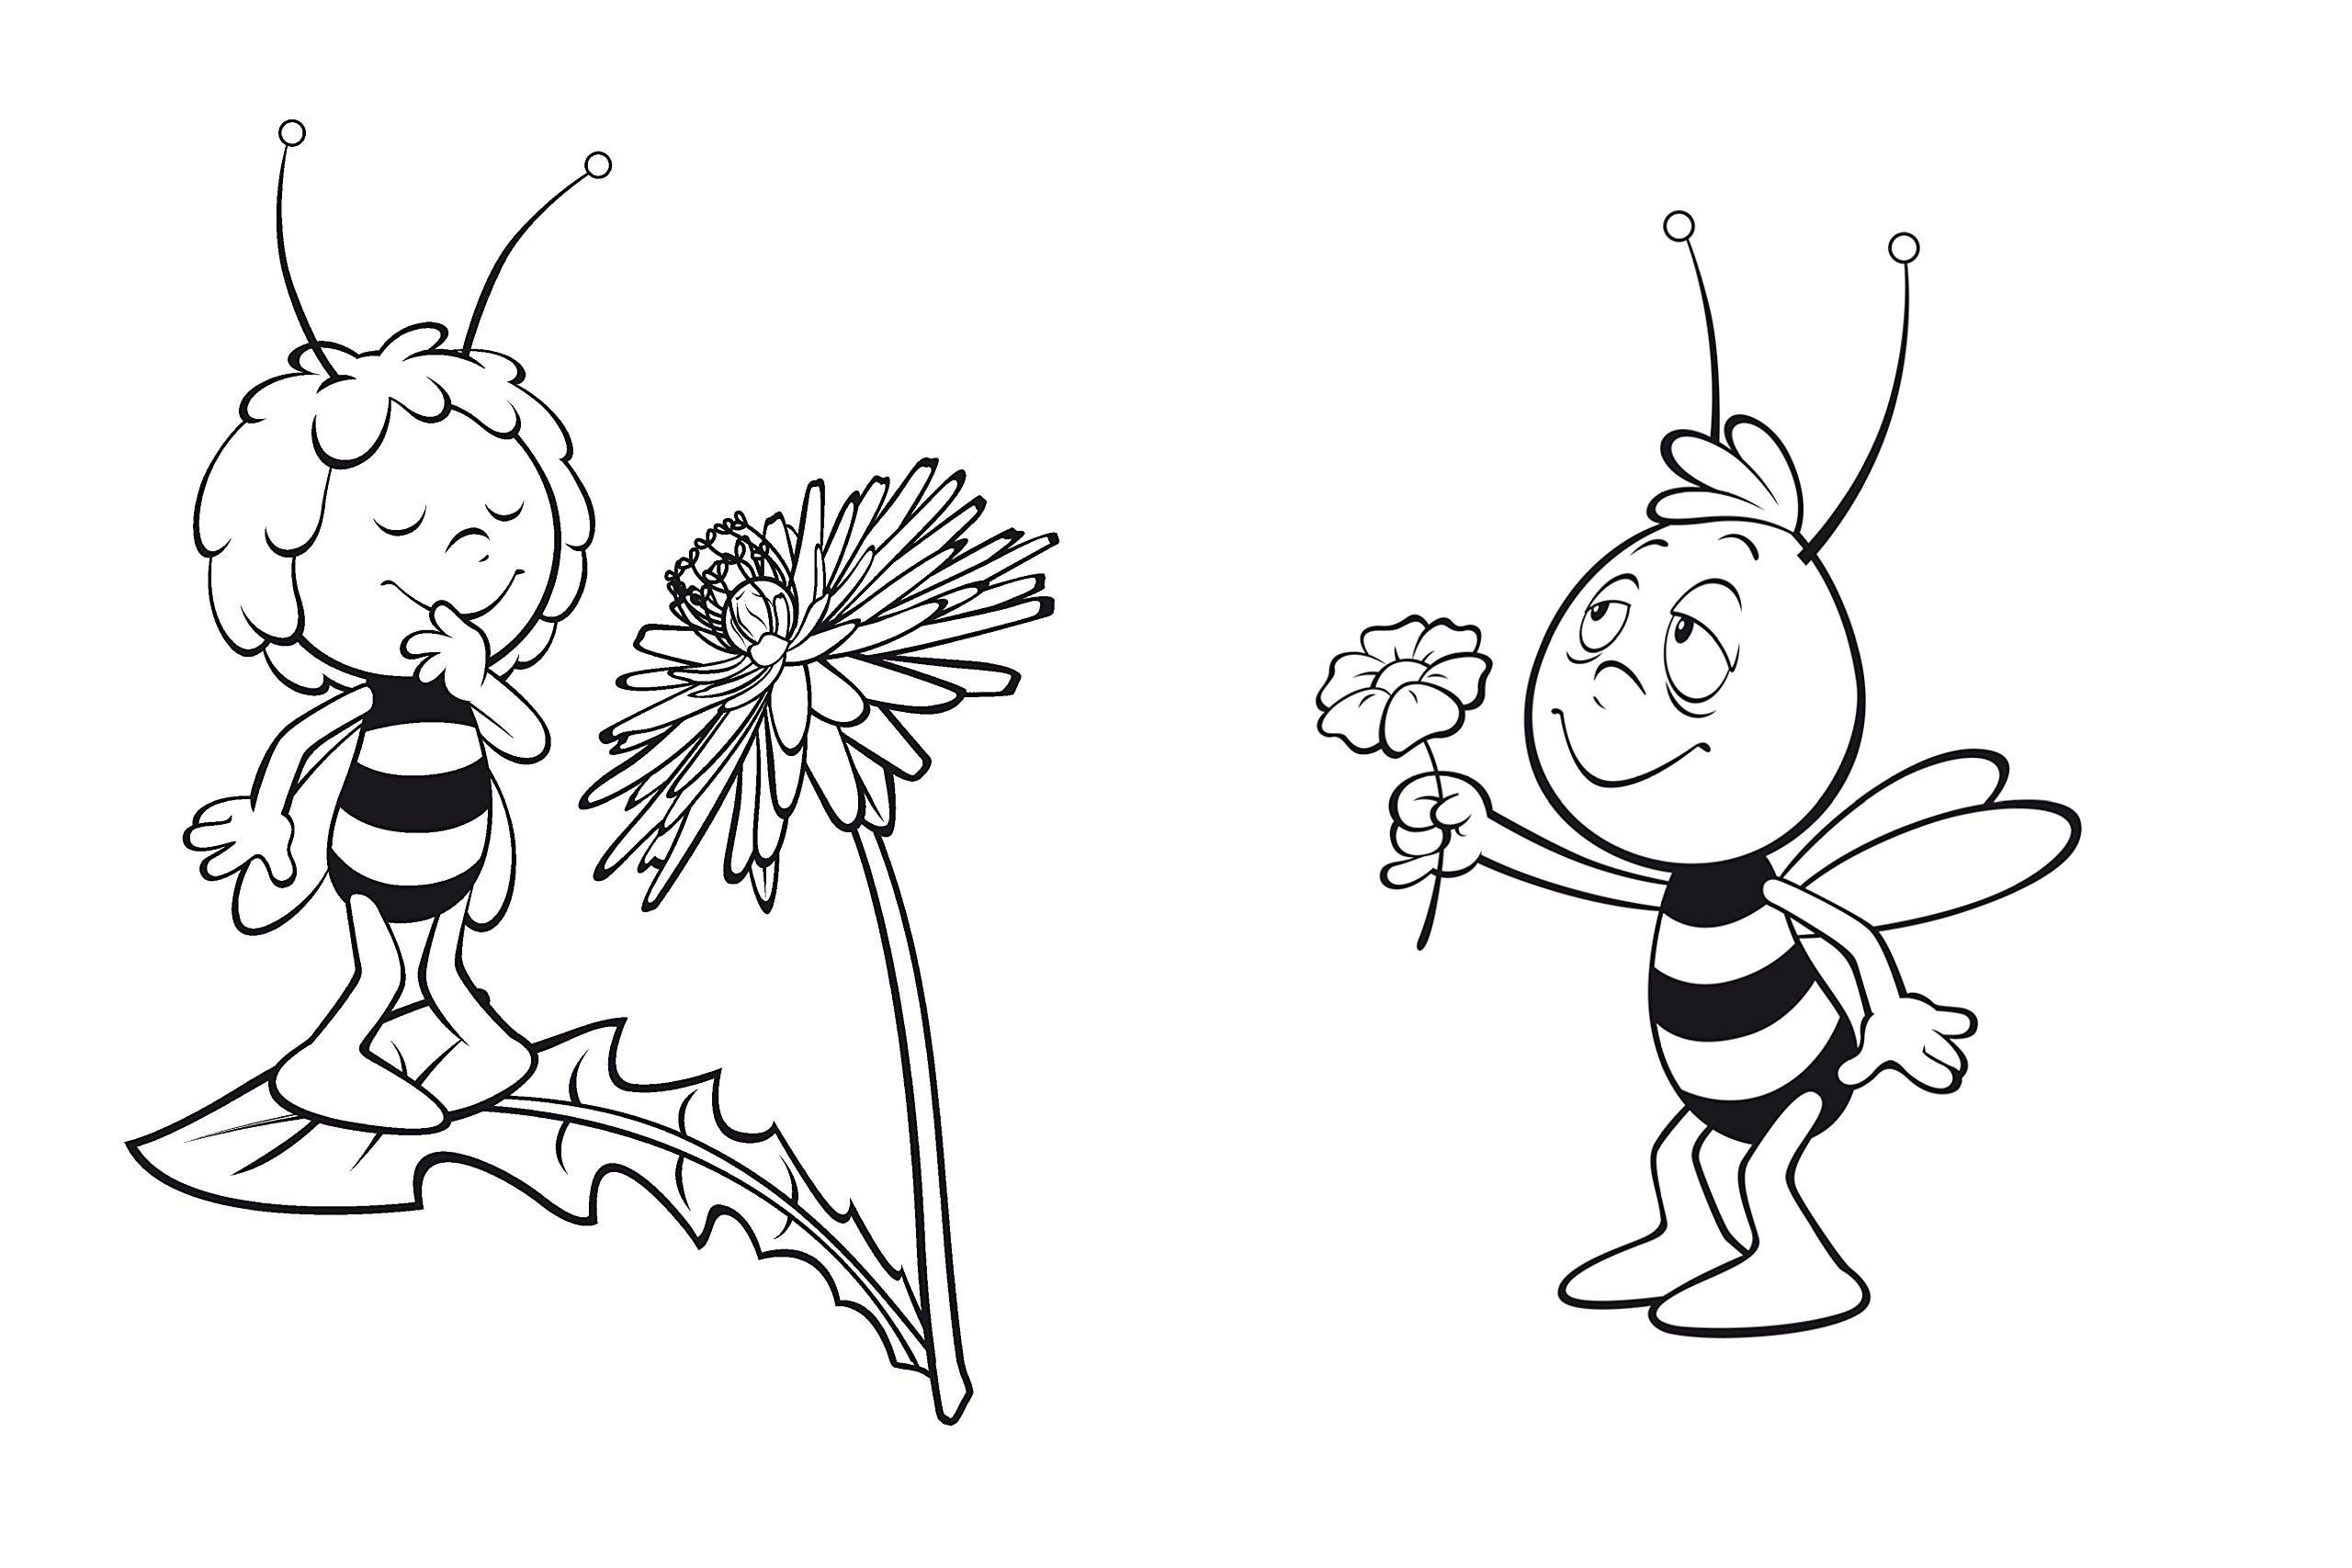 Biene Maja Ausmalbilder Kostenlos Malvorlagen Windowcolor verwandt mit Biene Maja Willi Malvorlage